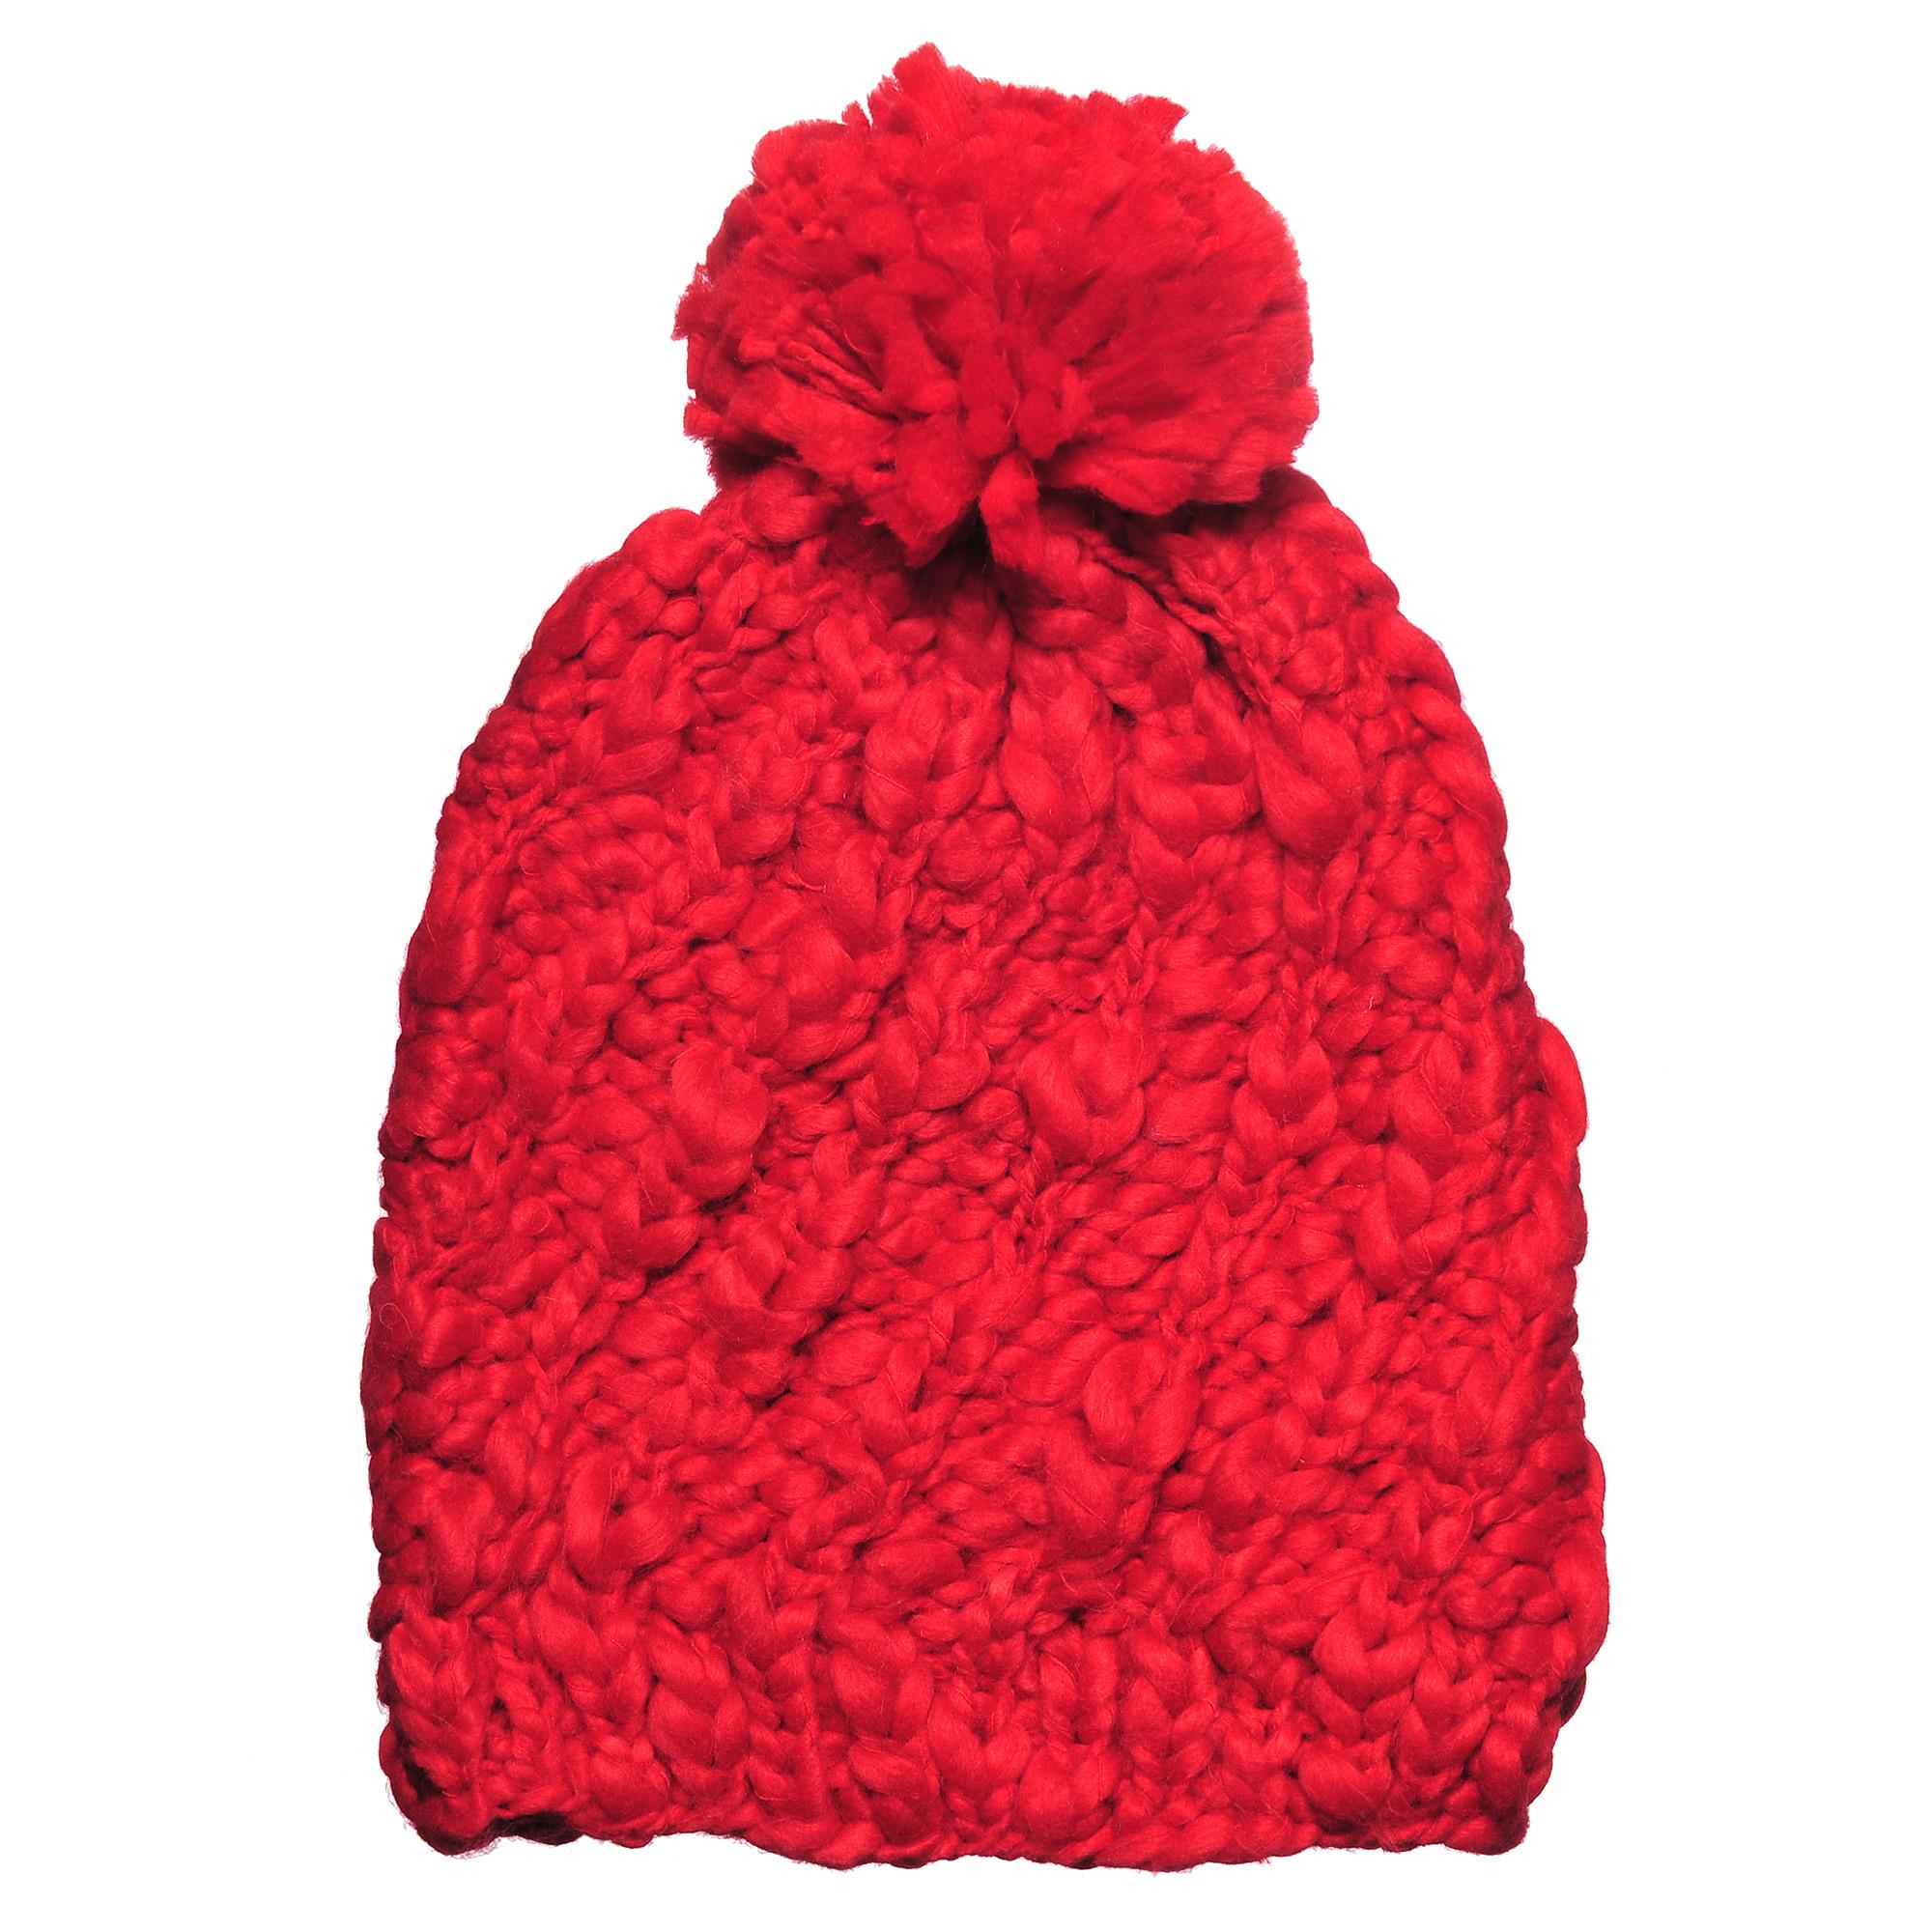 4-0040-001Стильная однослойная теплая шапка с отворотом и пумпоном из акрила. Большого размера. Рисунок - коса. Отличный аксессуар защитит в непогоду и подарит ощущение теплоты. Состав: 100% акрил.